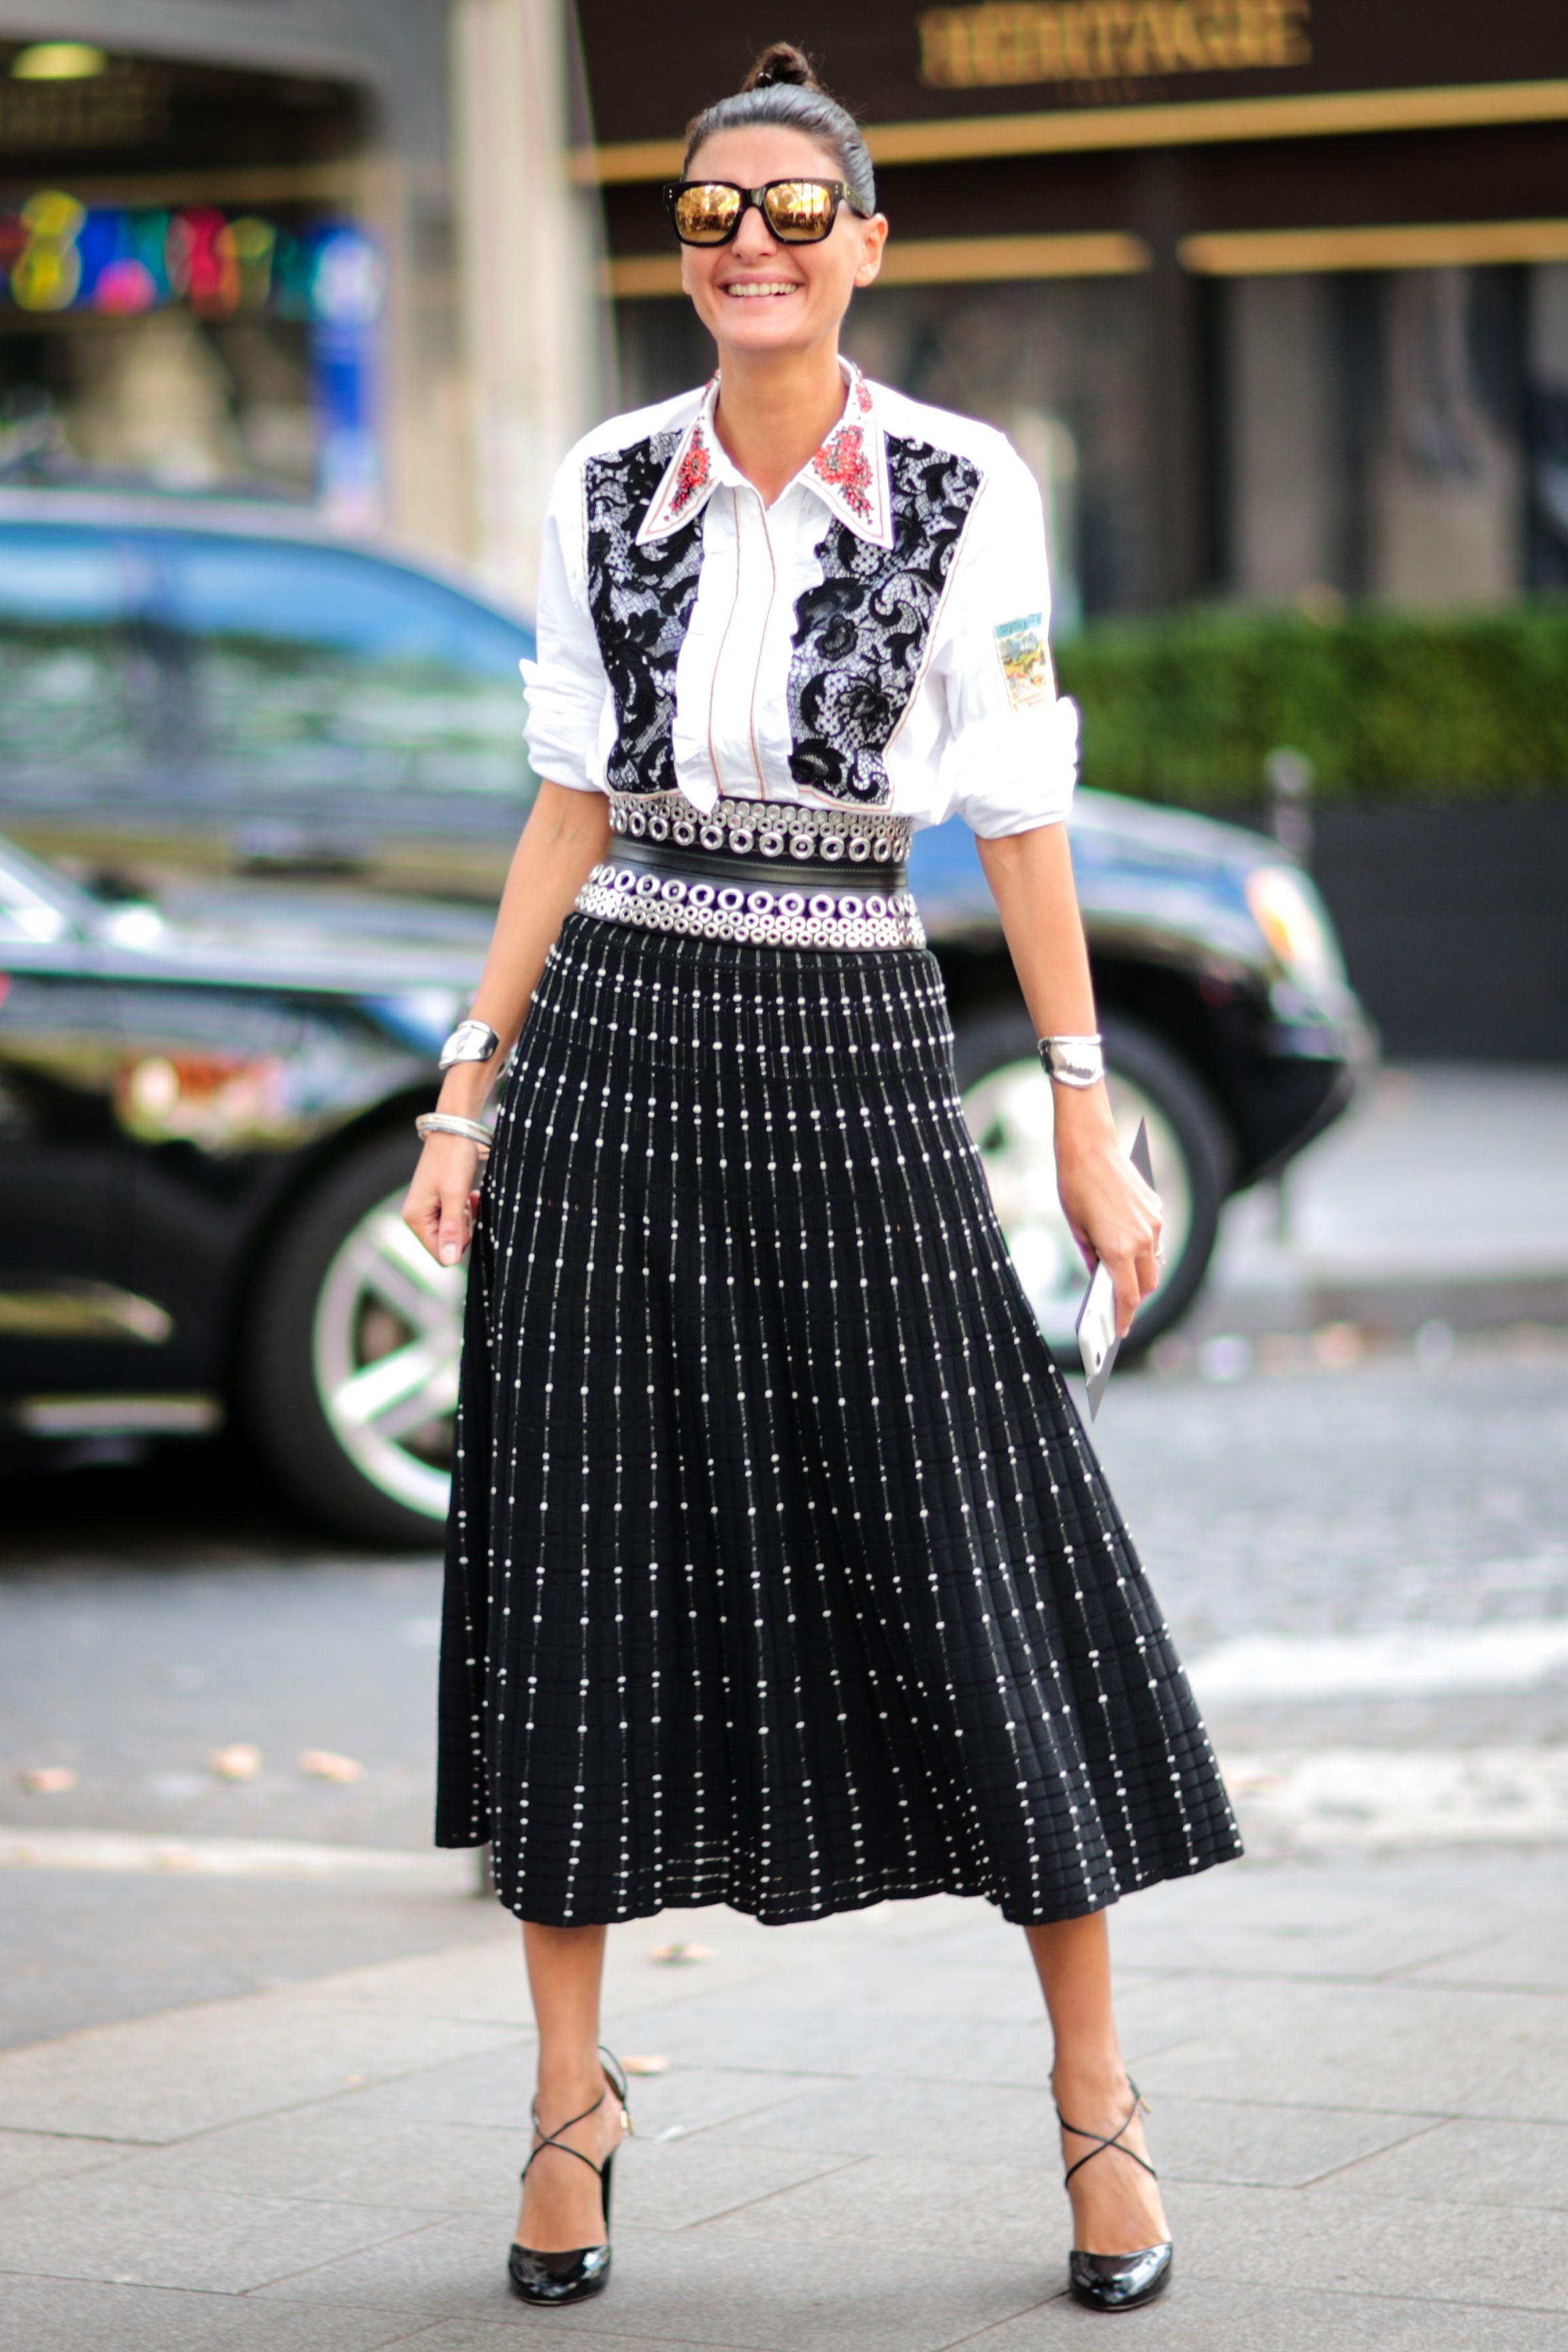 <p>帶有立體雕紋裝飾的黑色百褶裙,呼應襯衫上的蕾絲細節與皮革環扣腰帶,整體造型完美到位!</p>